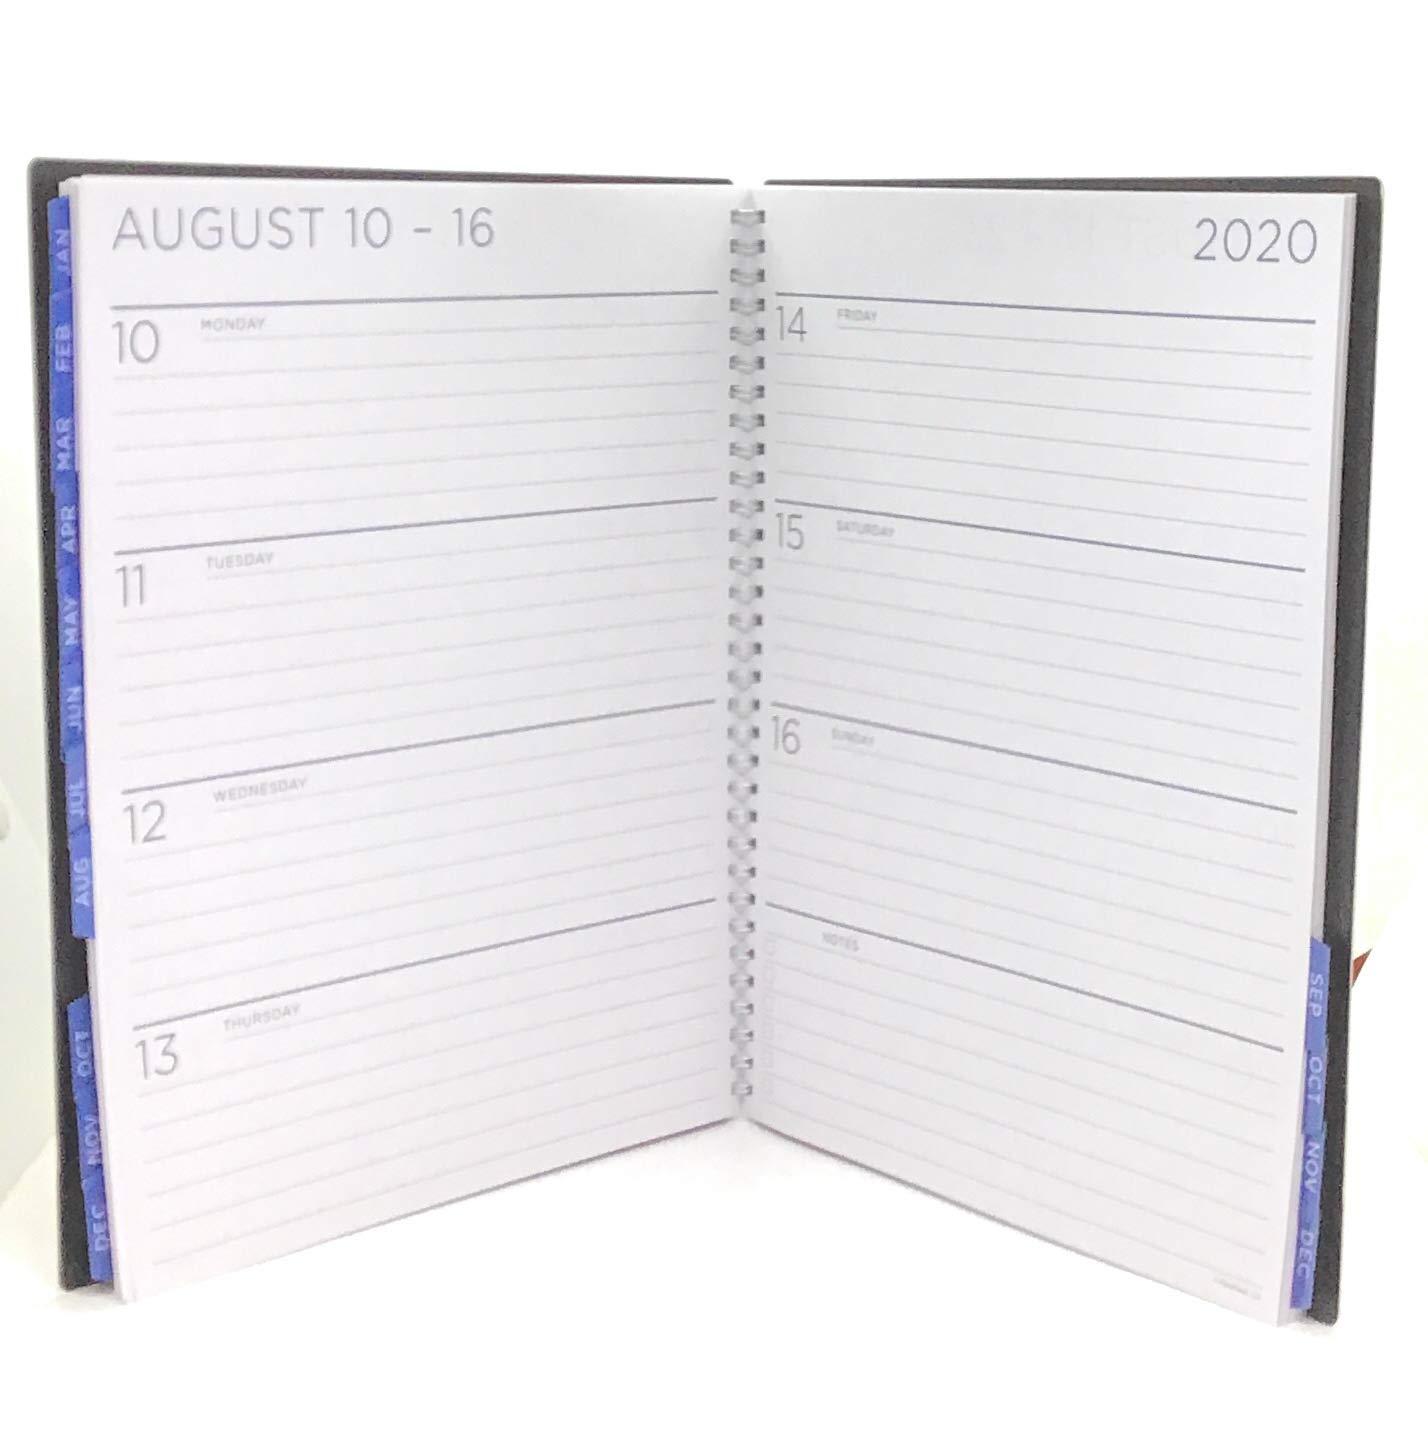 Amazon.com: PlanAhead - Planificador mensual y semanal de ...